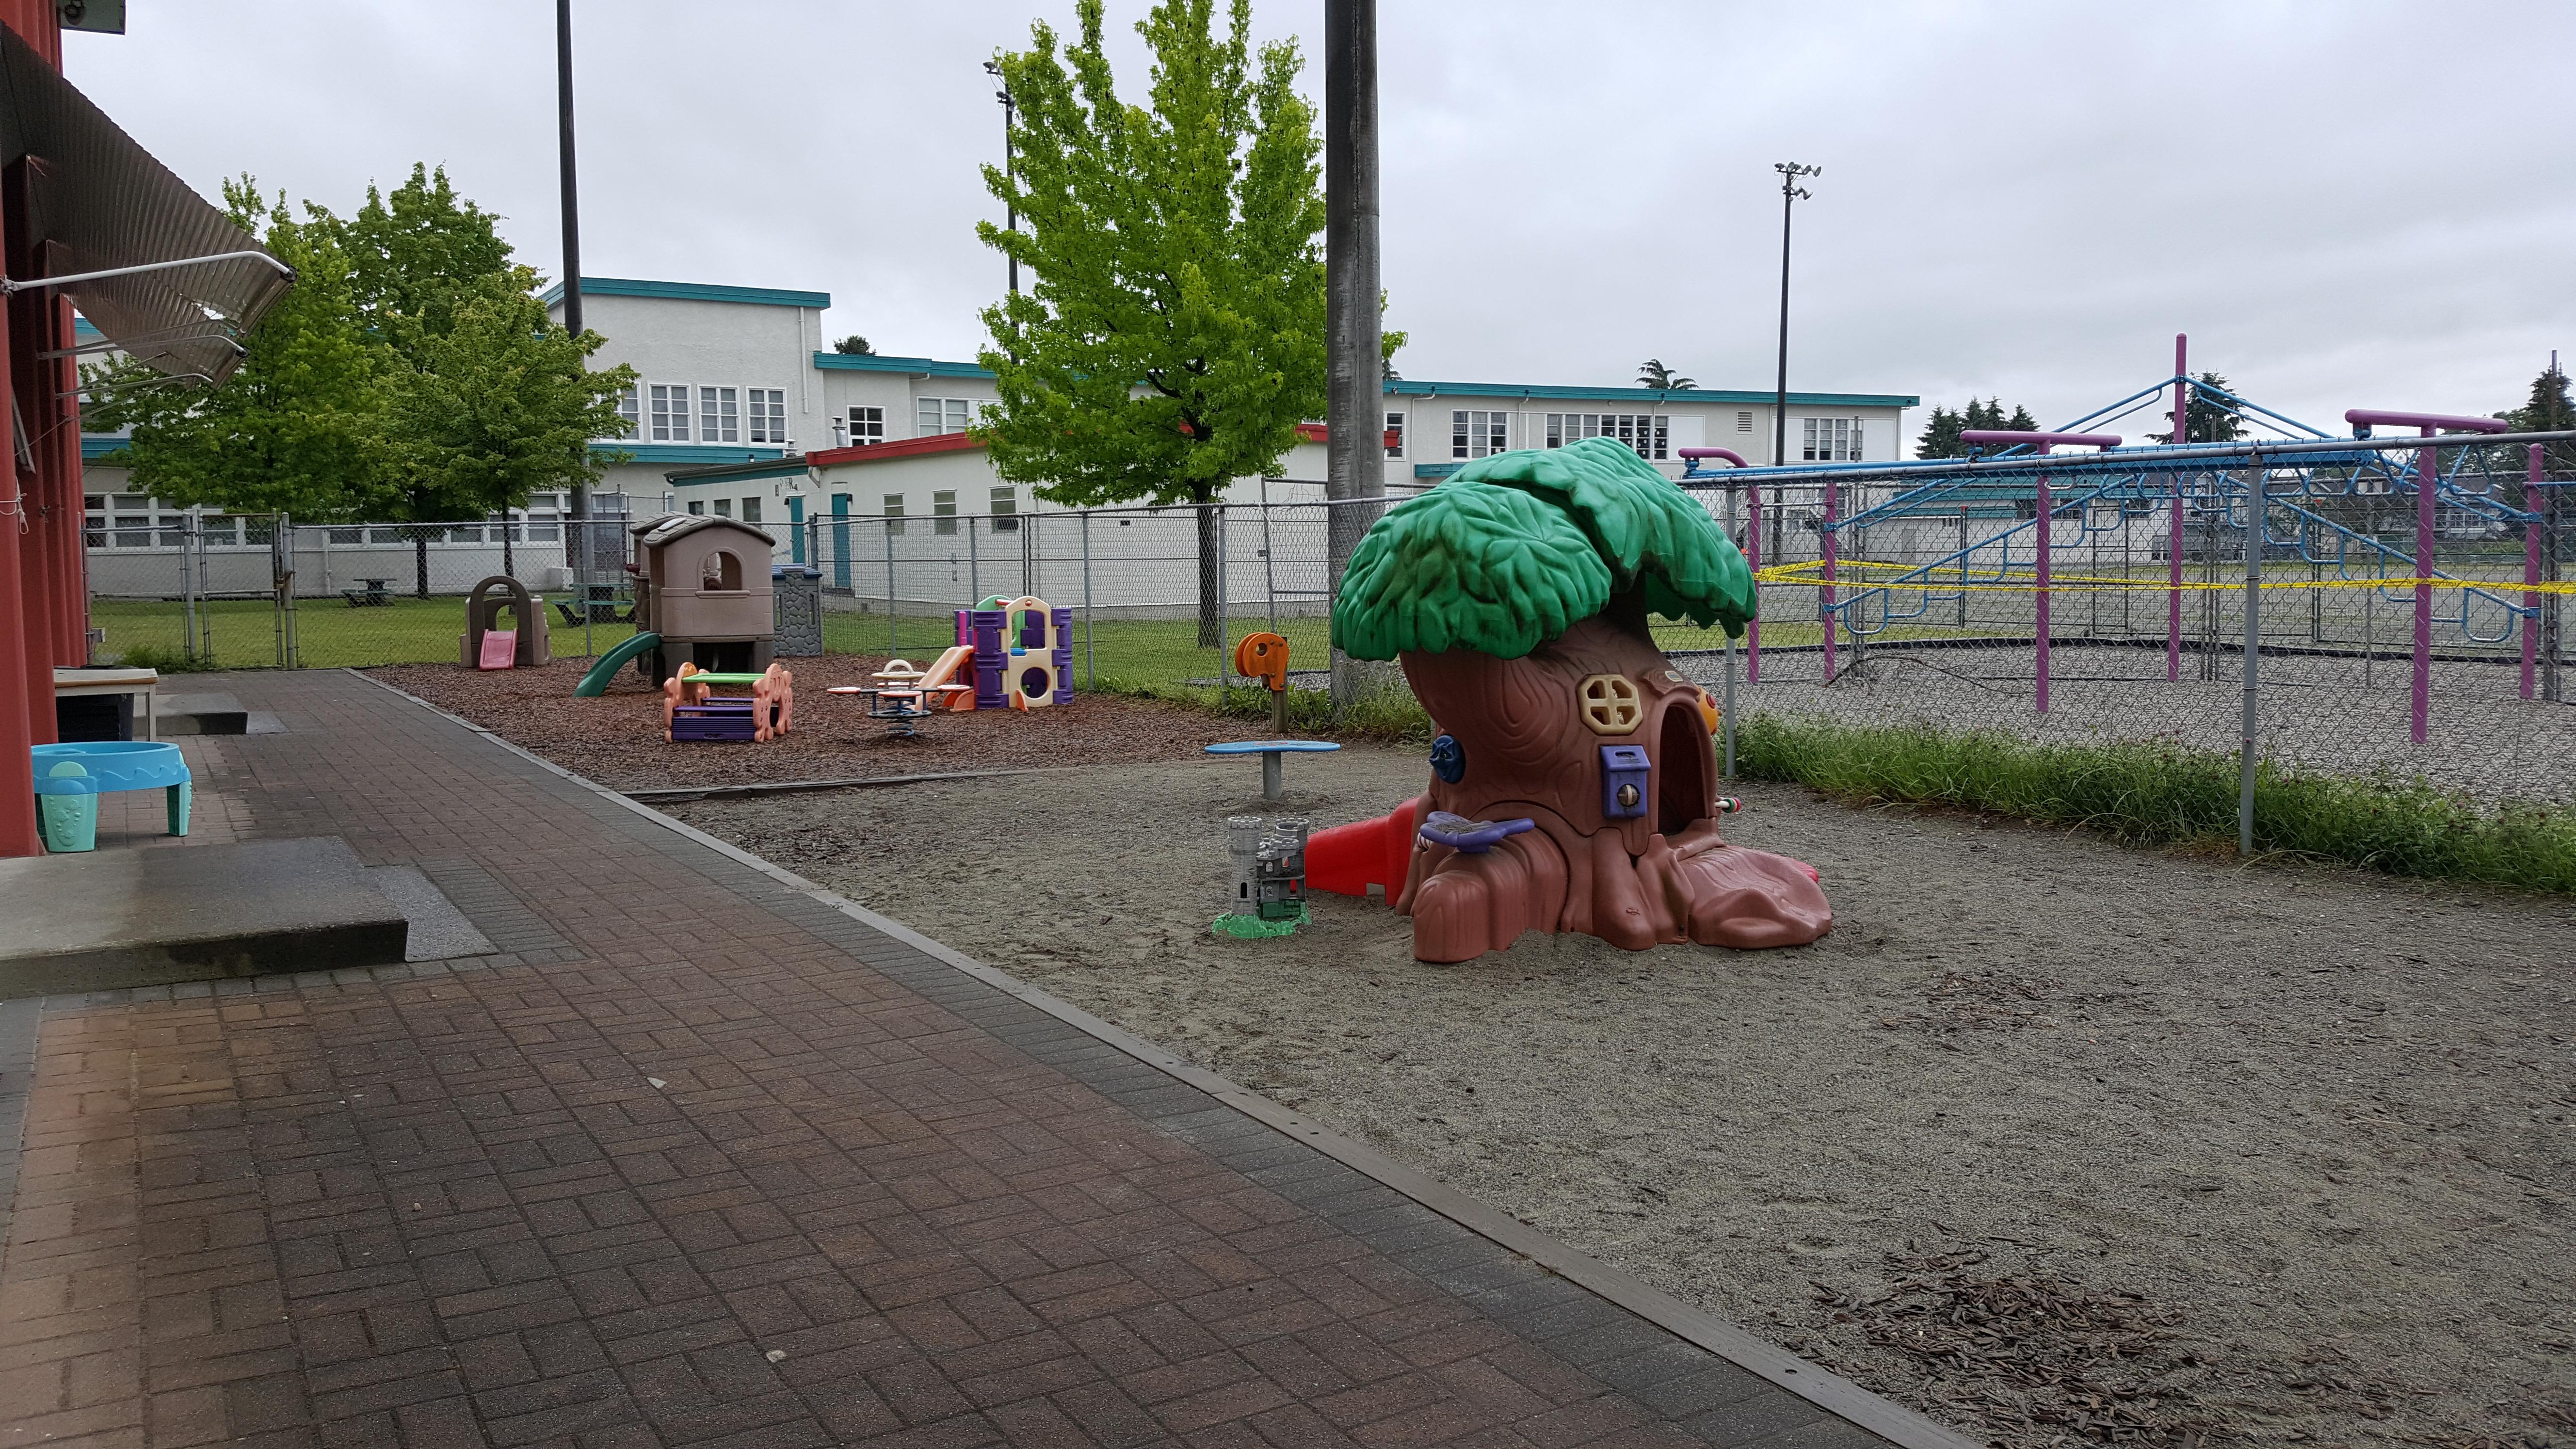 Playground - children under 3